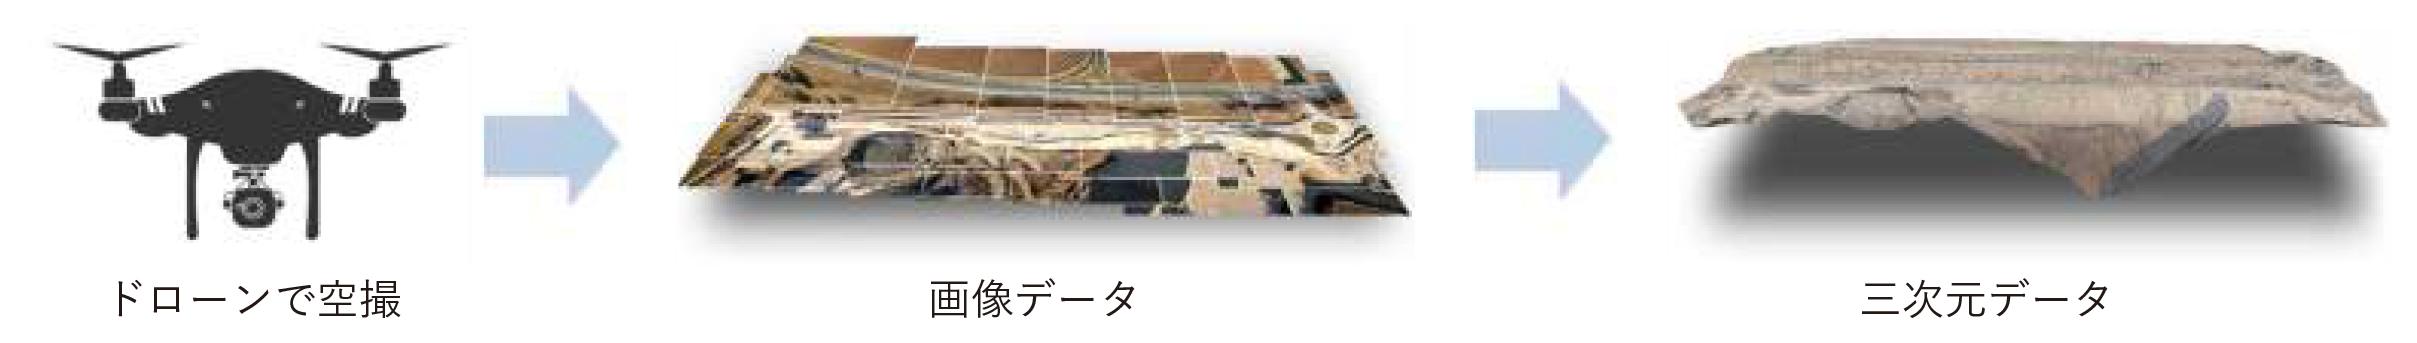 テラマッパーサンプル03